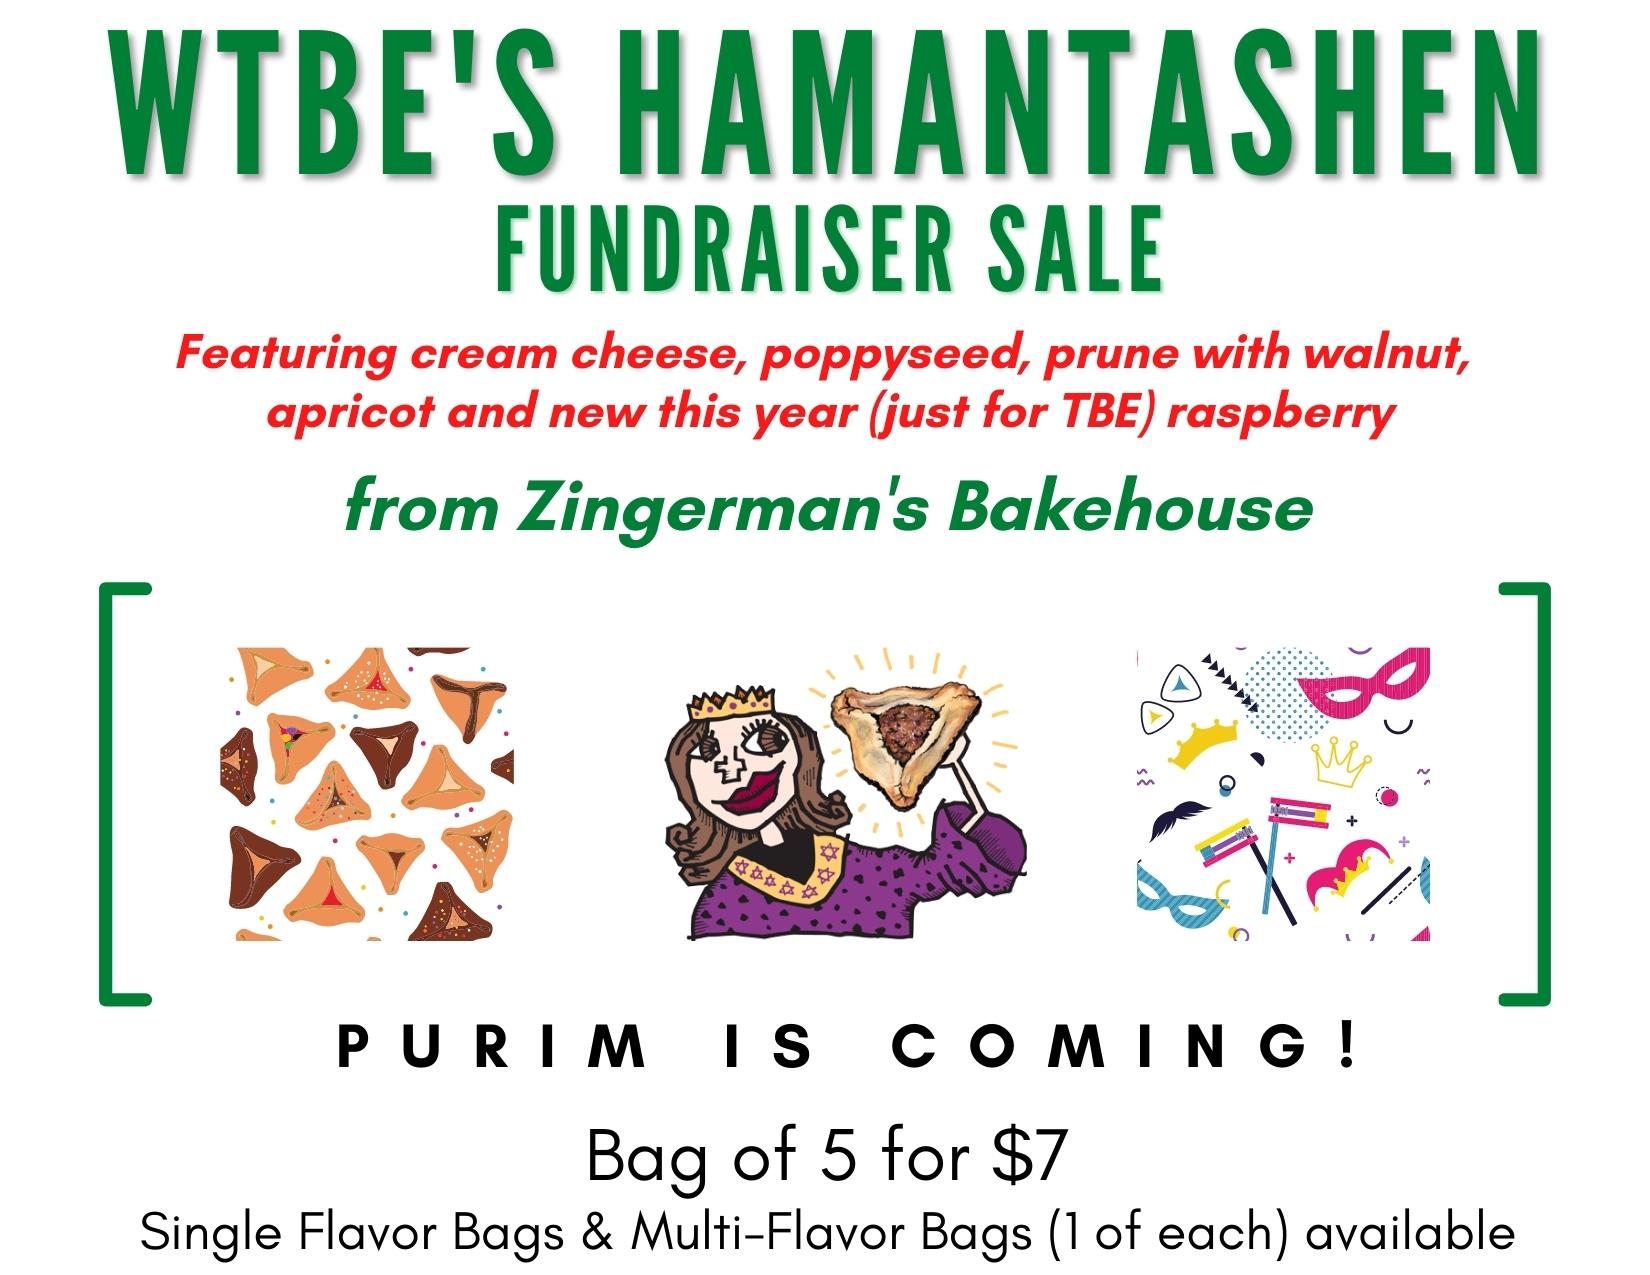 WTBE'S hamantasChen Fundraiser Sale